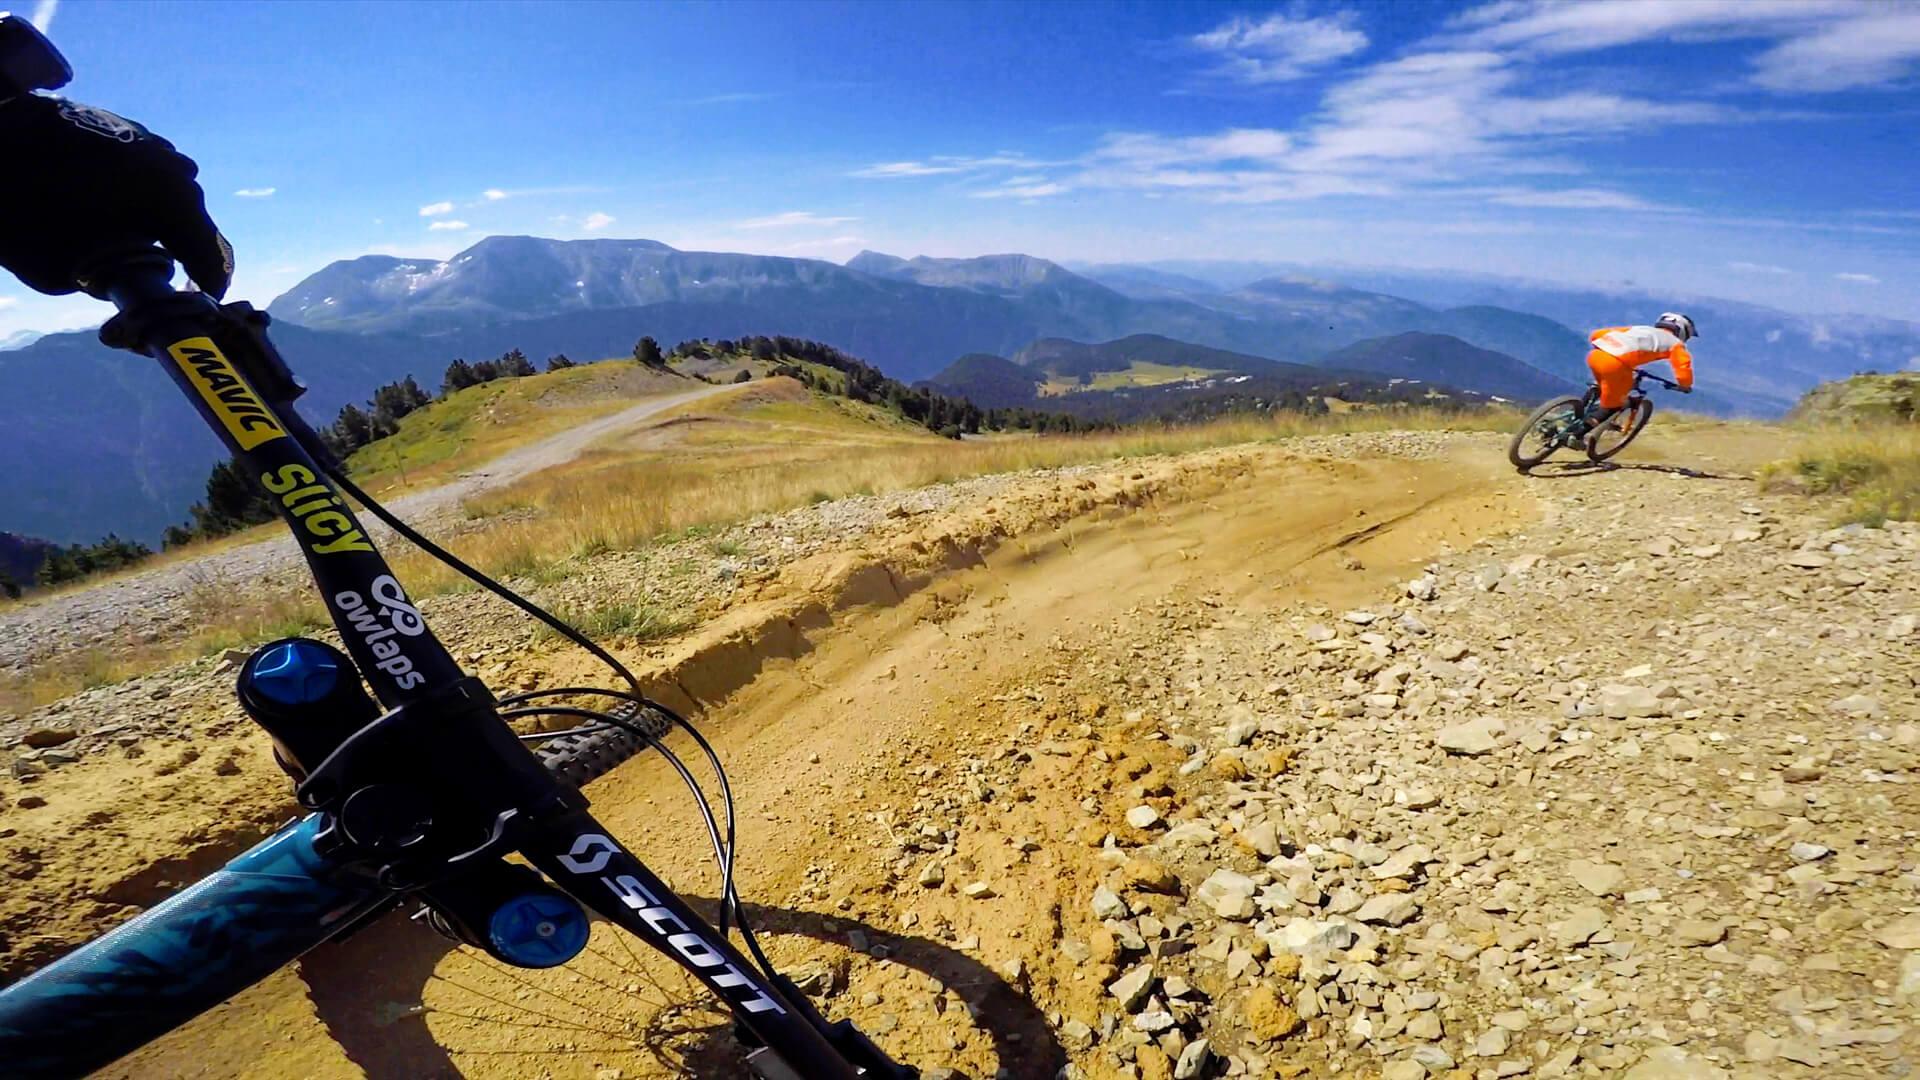 blanchon-chamrousse-bike-park-france-photo-8-HD